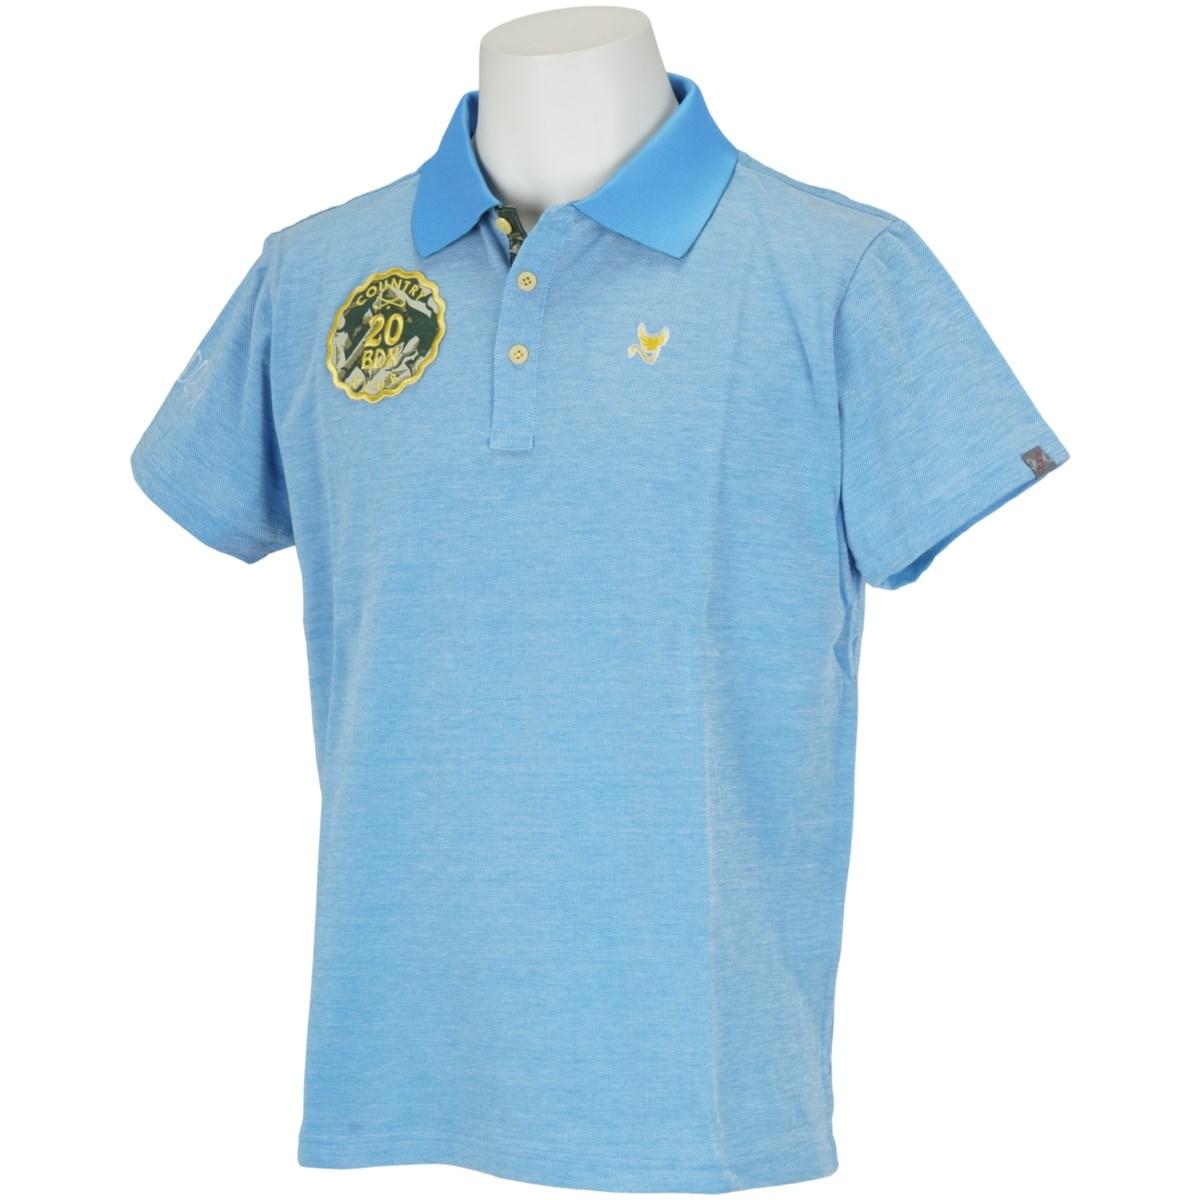 クランク(Clunk) サファリワッペン半袖ポロシャツ